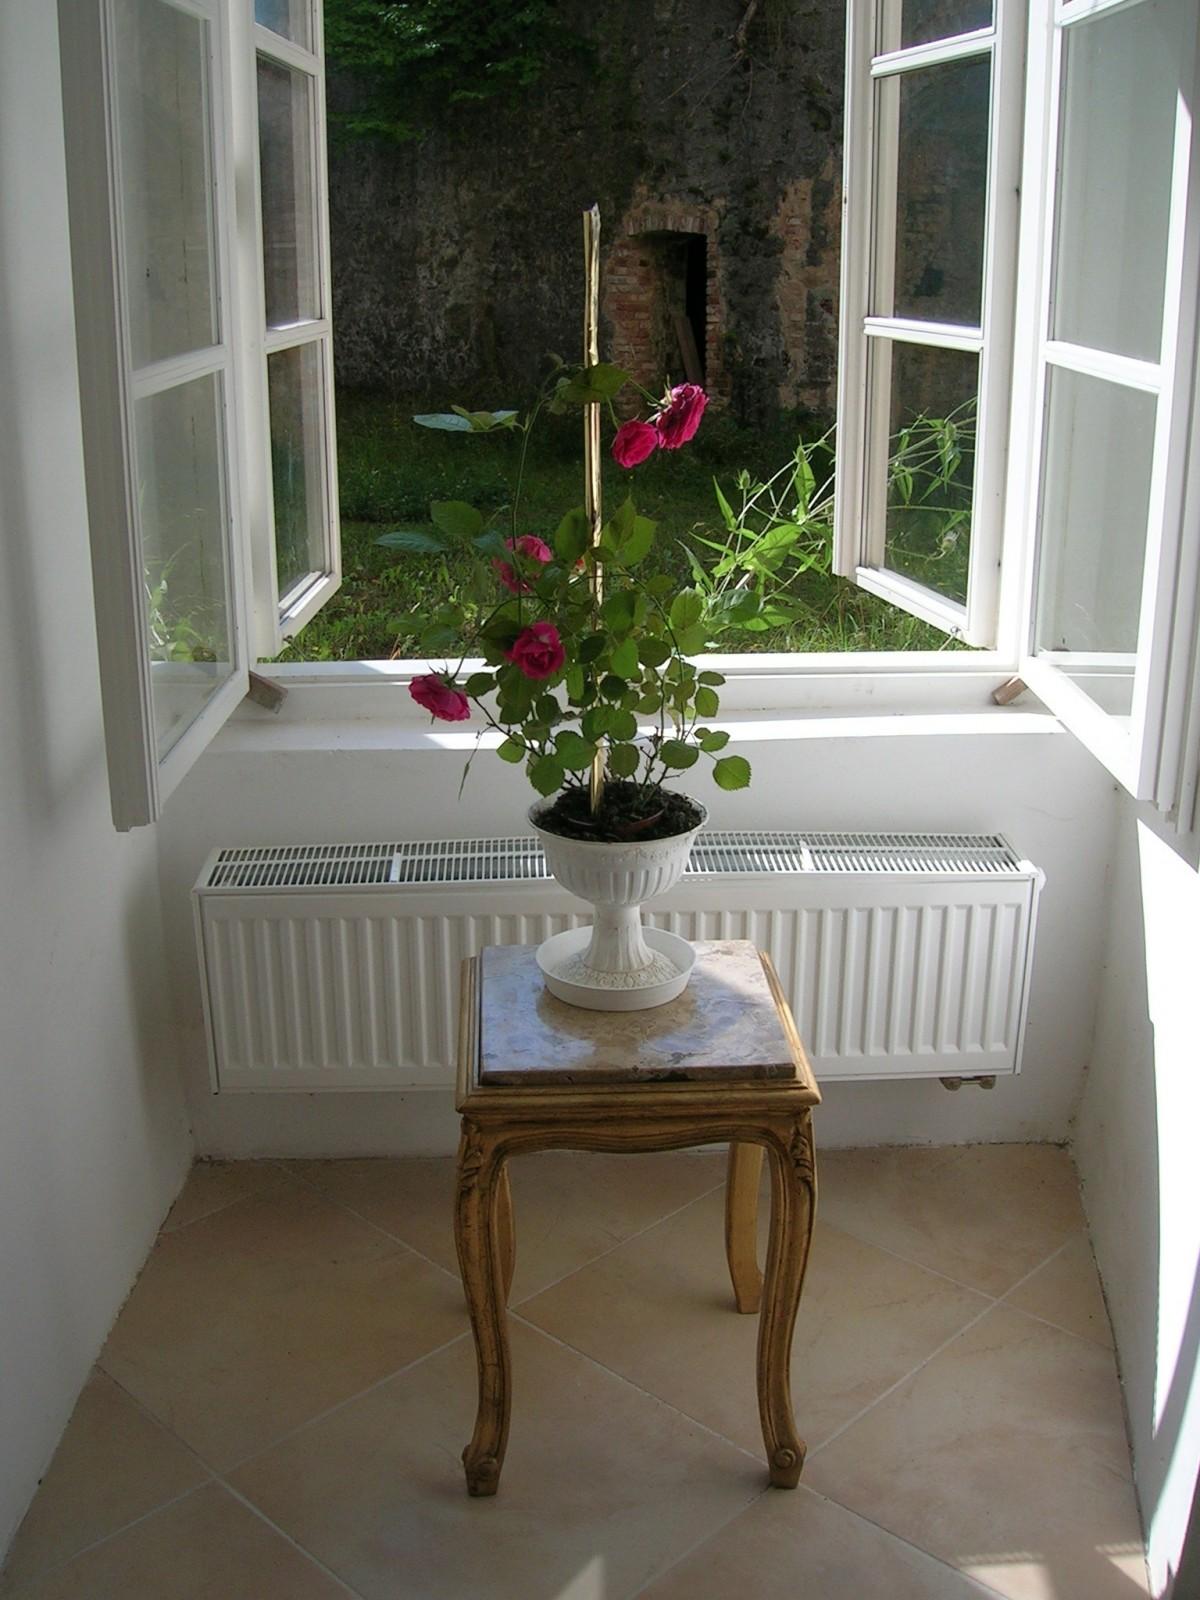 Kostenlose foto tabelle holz stock fenster zuhause veranda h tte romantisch wohnzimmer - Holz hartegrade tabelle ...